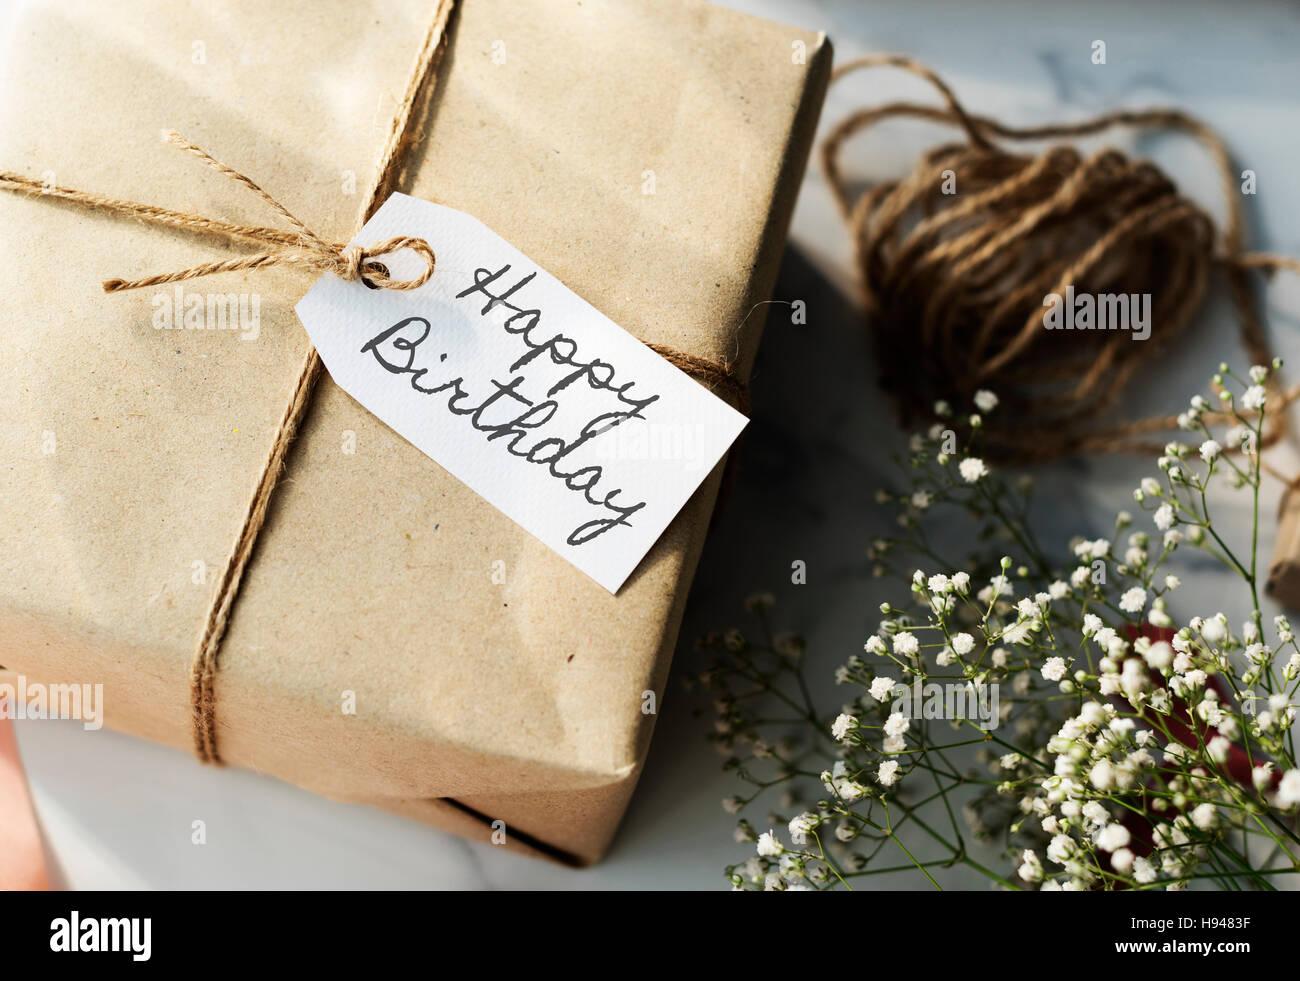 HBD Joyeux Anniversaire Célébration Félicitations Concept Parti Photo Stock